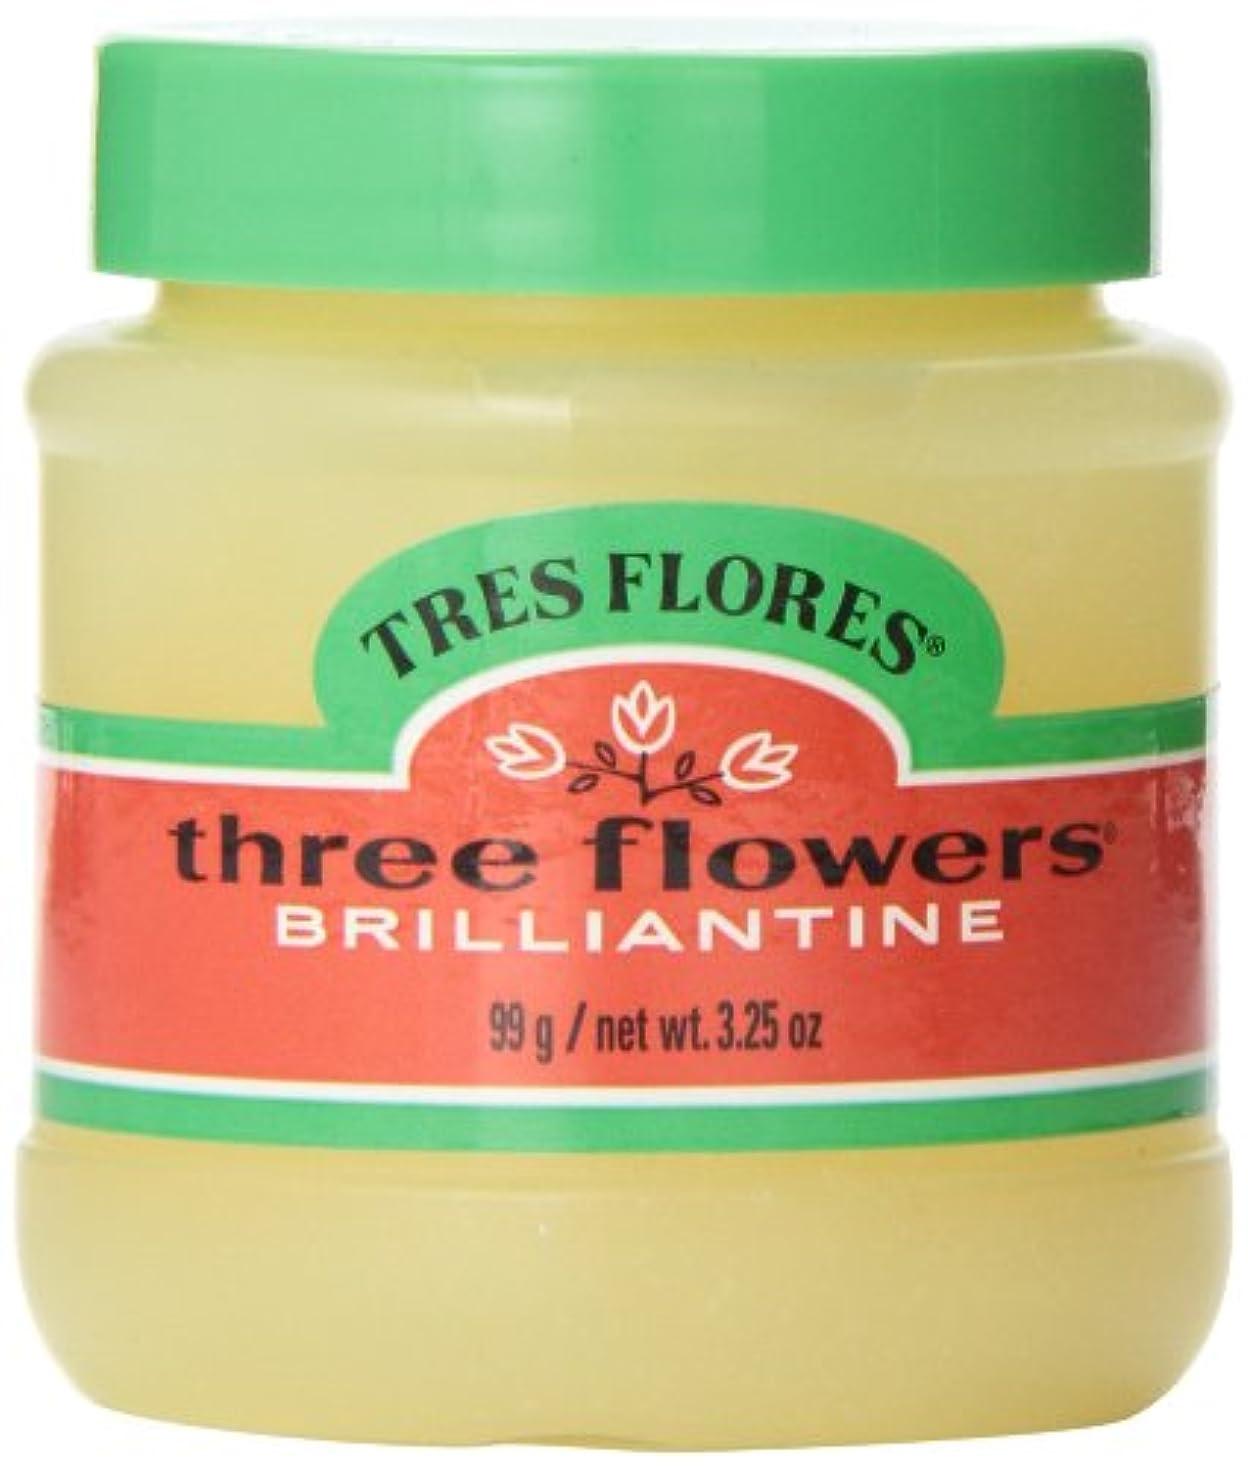 ピュー財団ハンディThree Flowers Brilliantine Pomade Solid 3.25oz